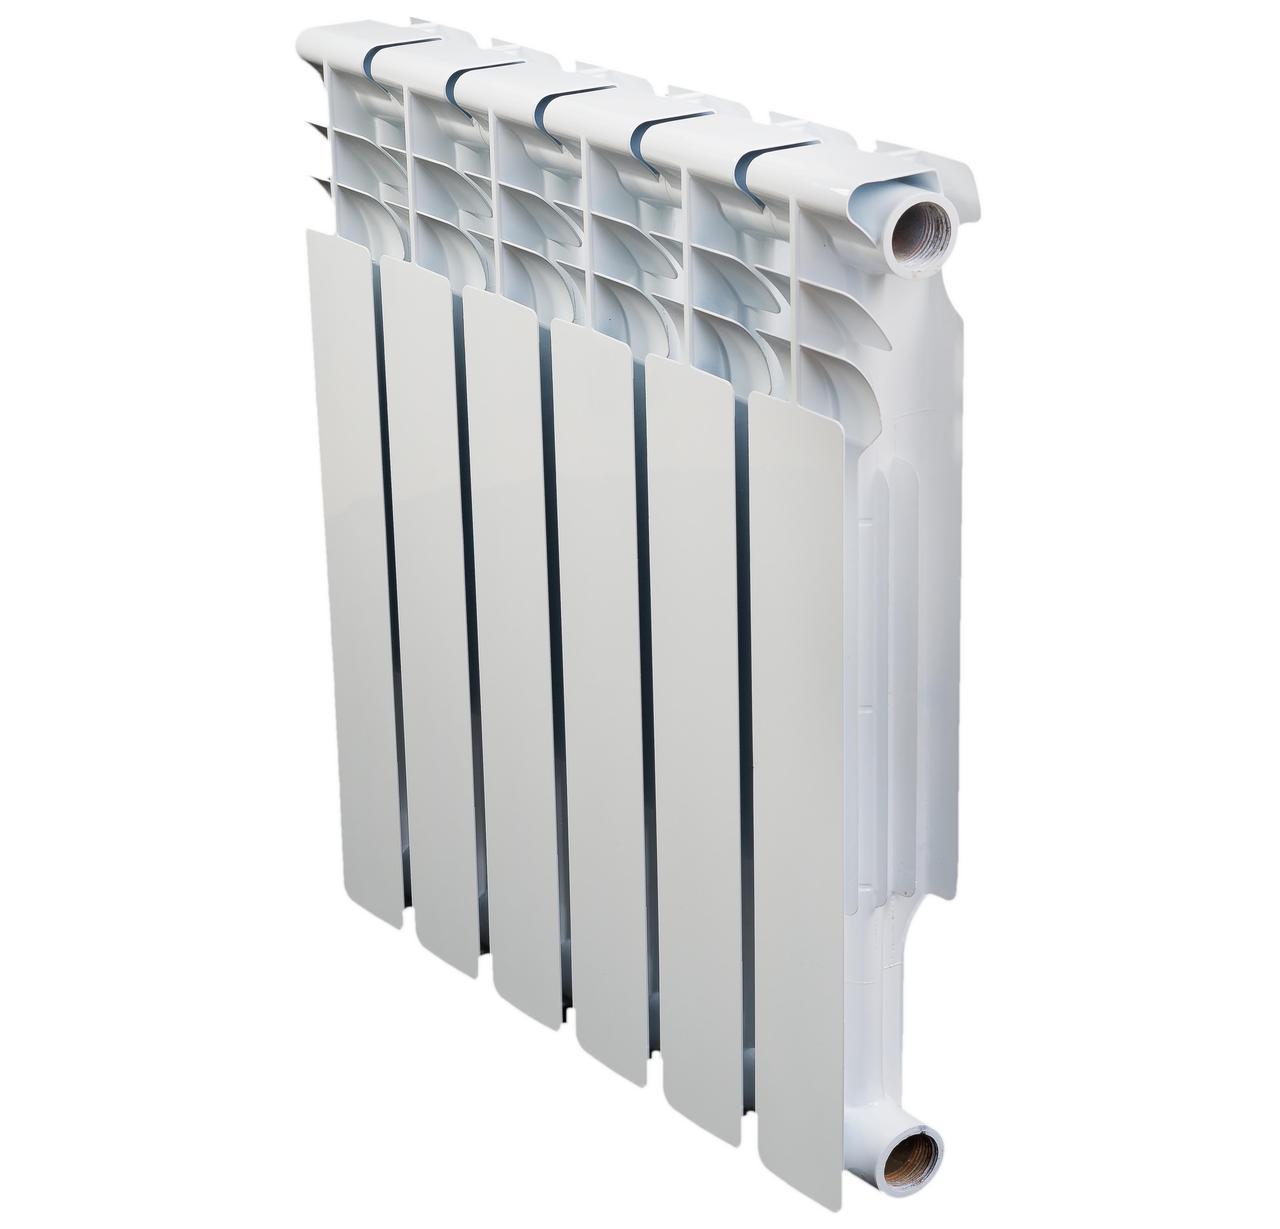 Биметаллический радиатор Алтермо Торино 500/80